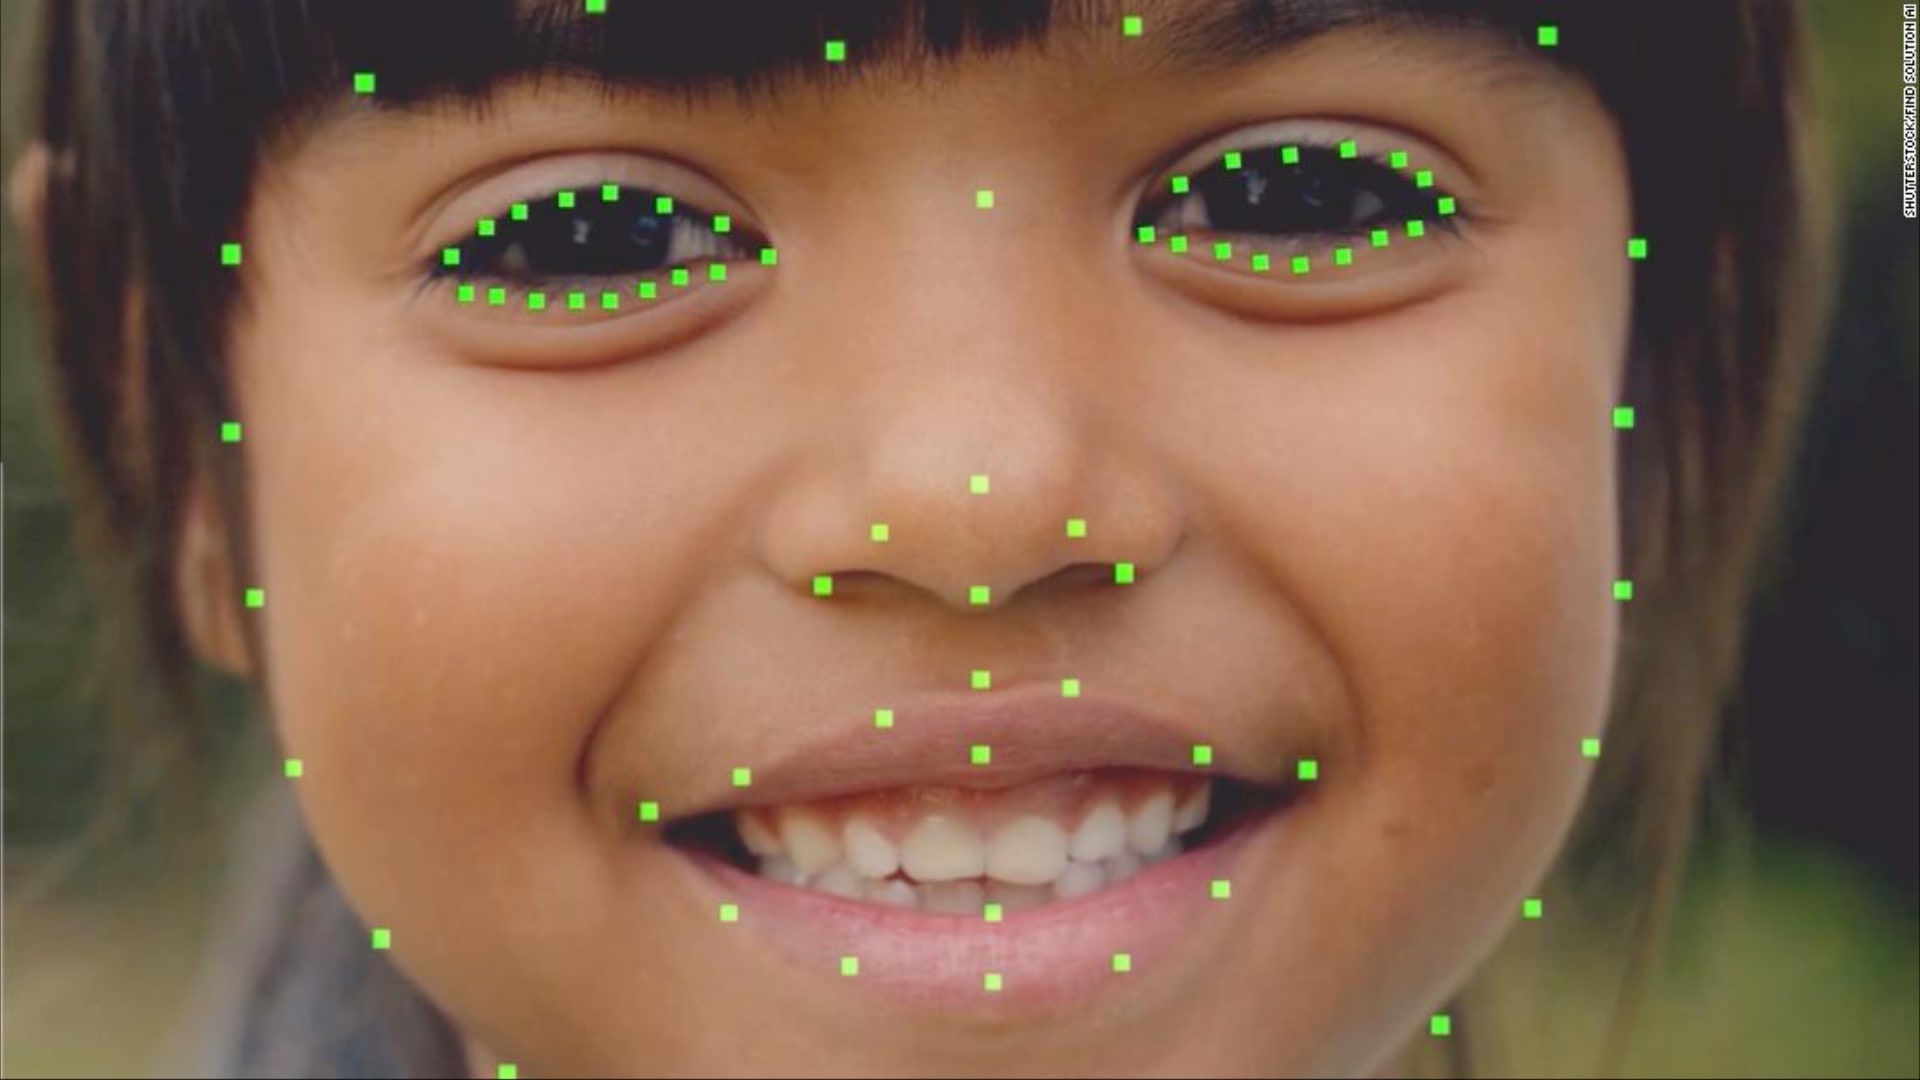 تقنية ذكاء اصطناعي تكشف مشاعرنا.. كيف تحسن تجربة الفصل الدراسي الافتراضي؟